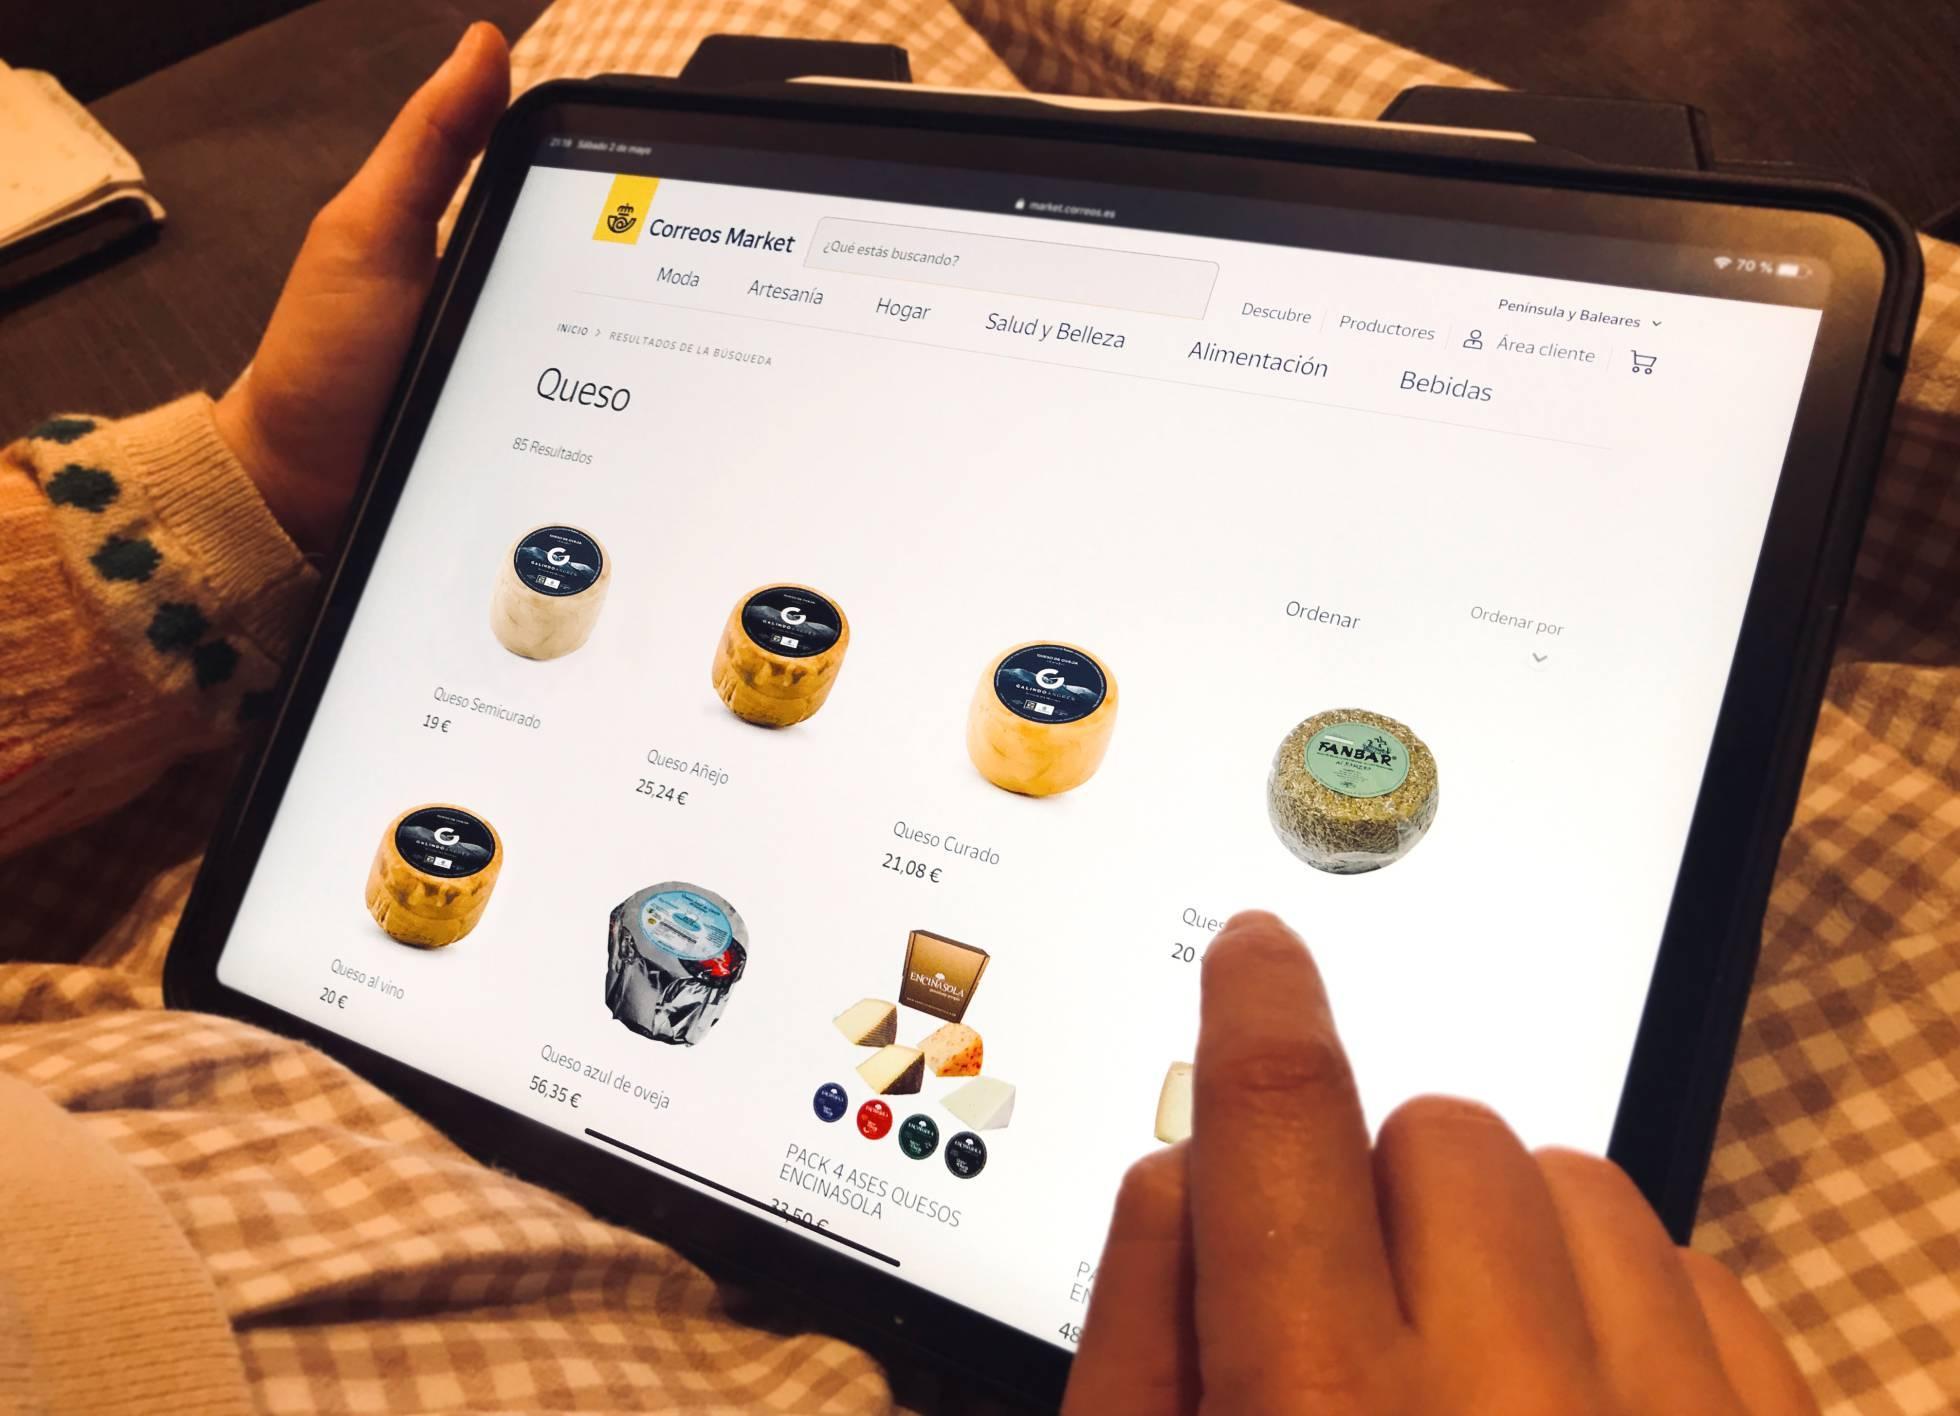 La plataforma Correos Market cuenta ya con 15 vendedores de la provincia